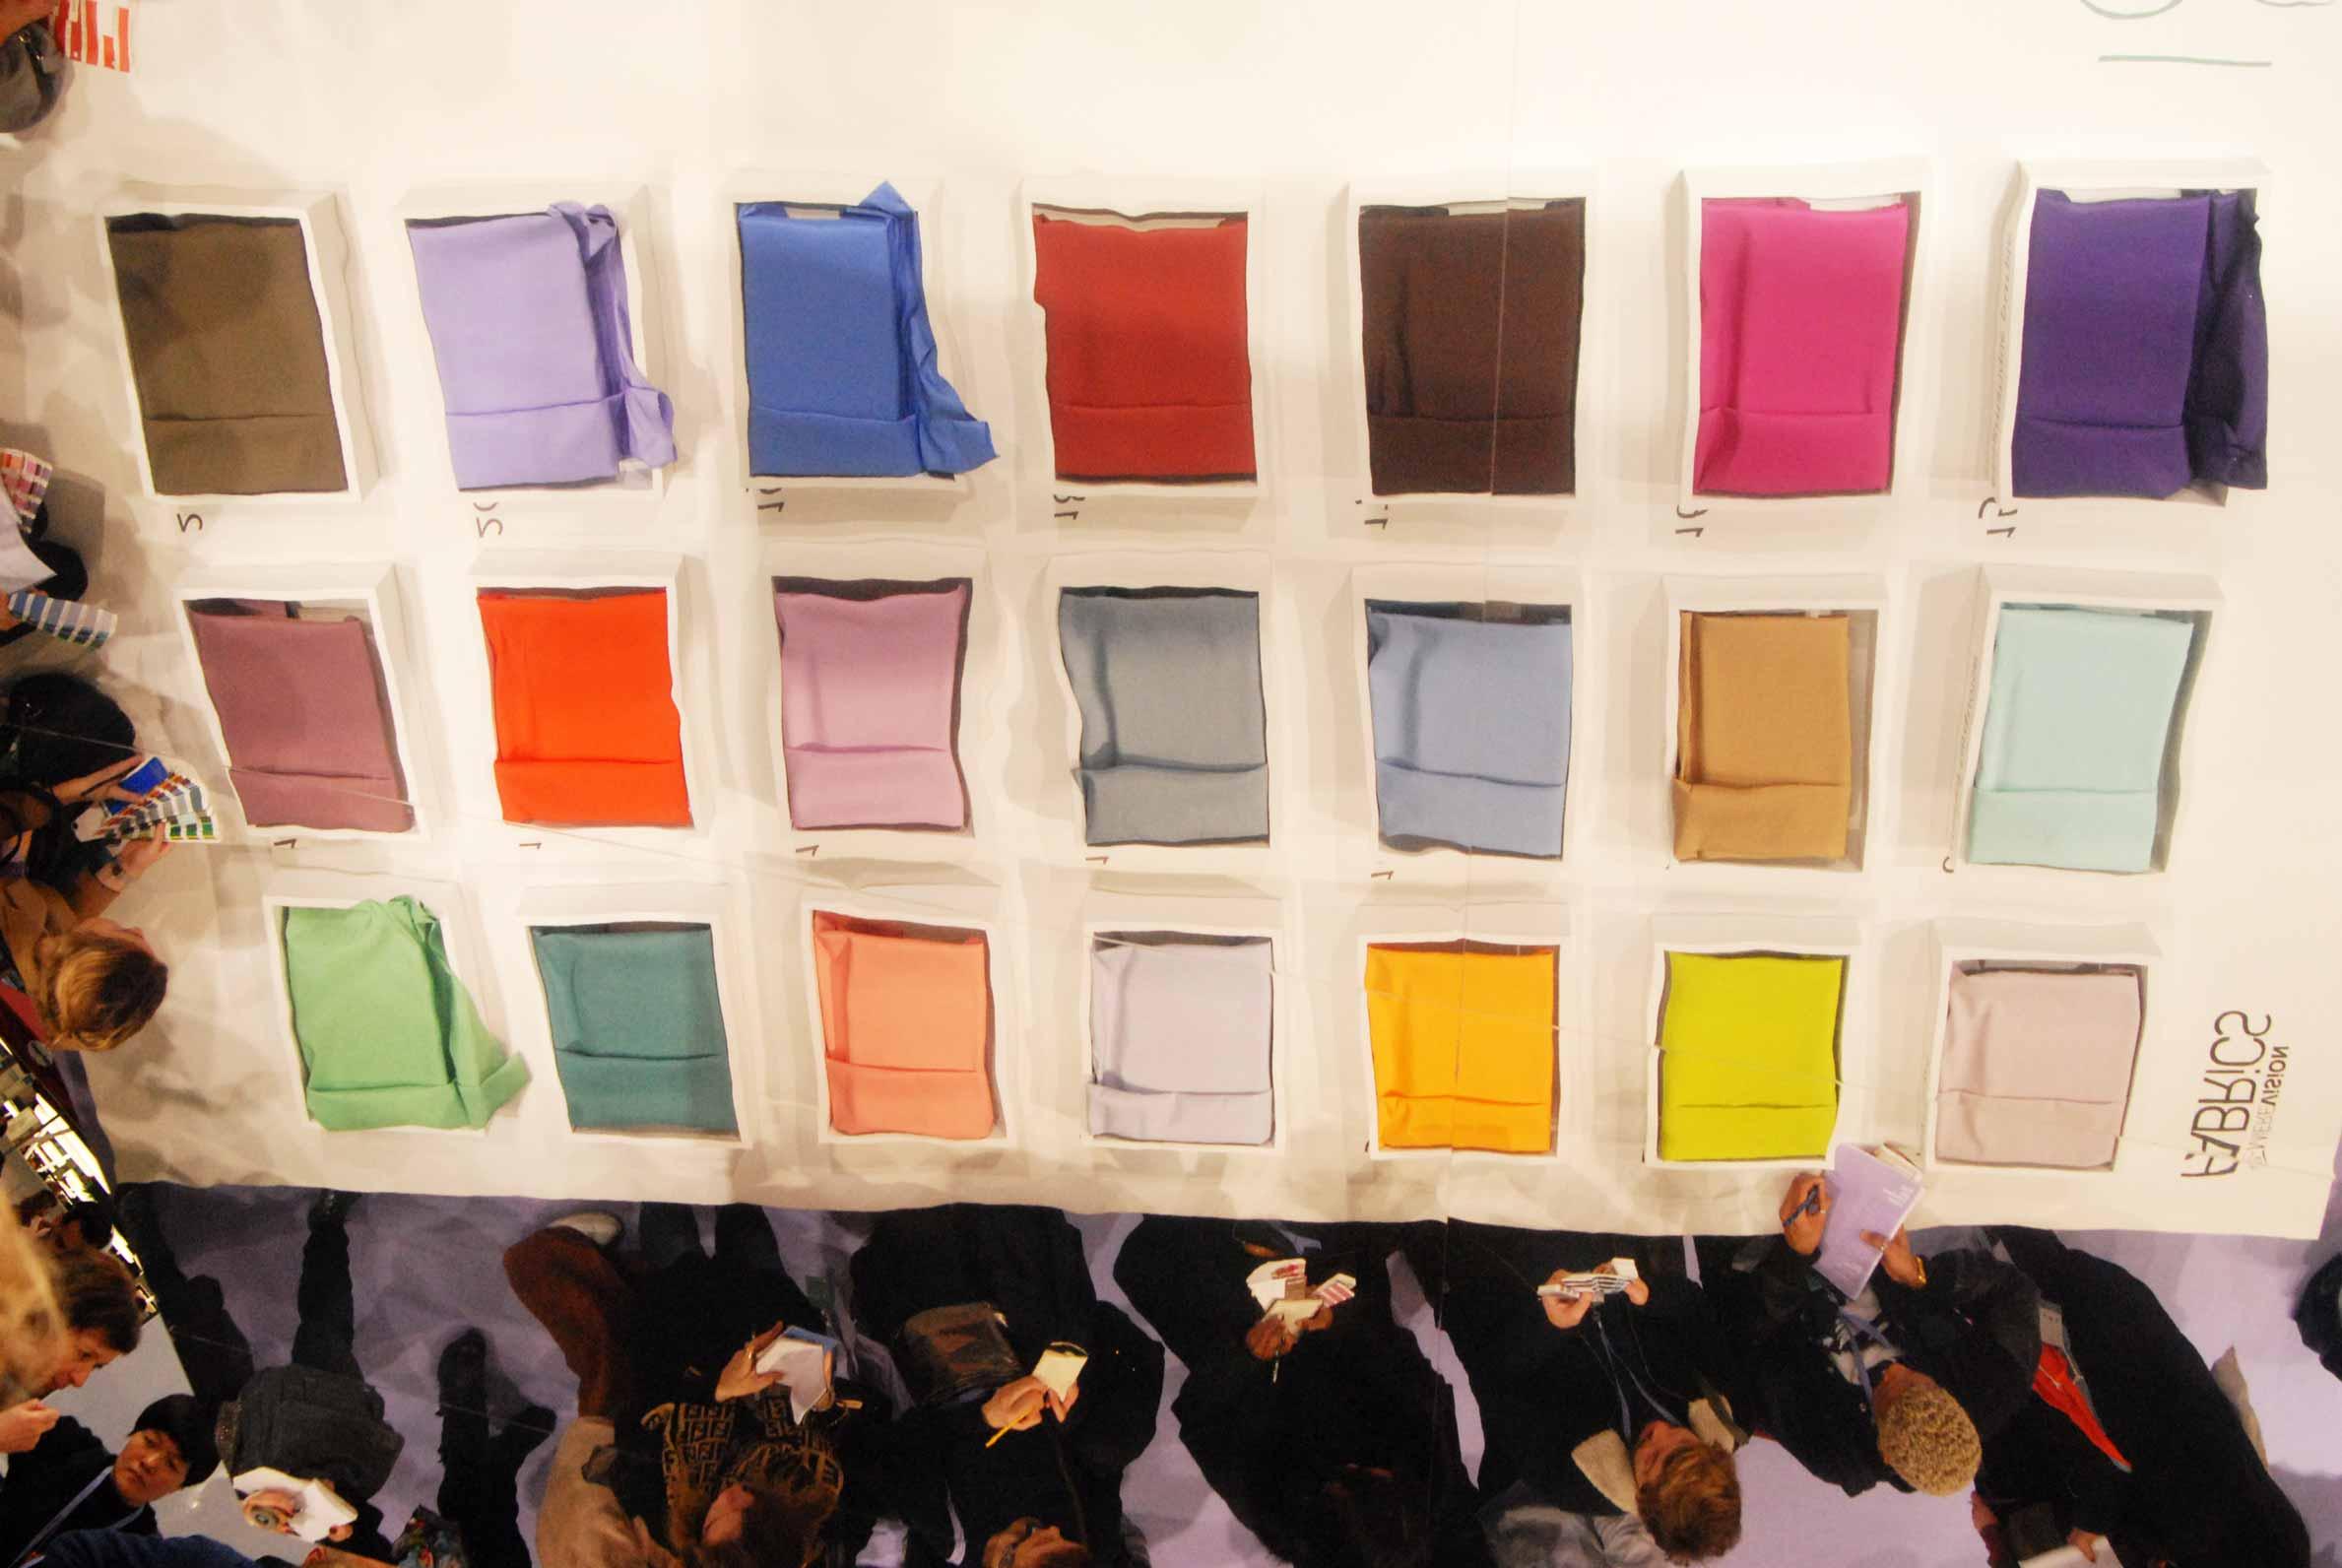 premi re vision paris tendance couleur 2018. Black Bedroom Furniture Sets. Home Design Ideas